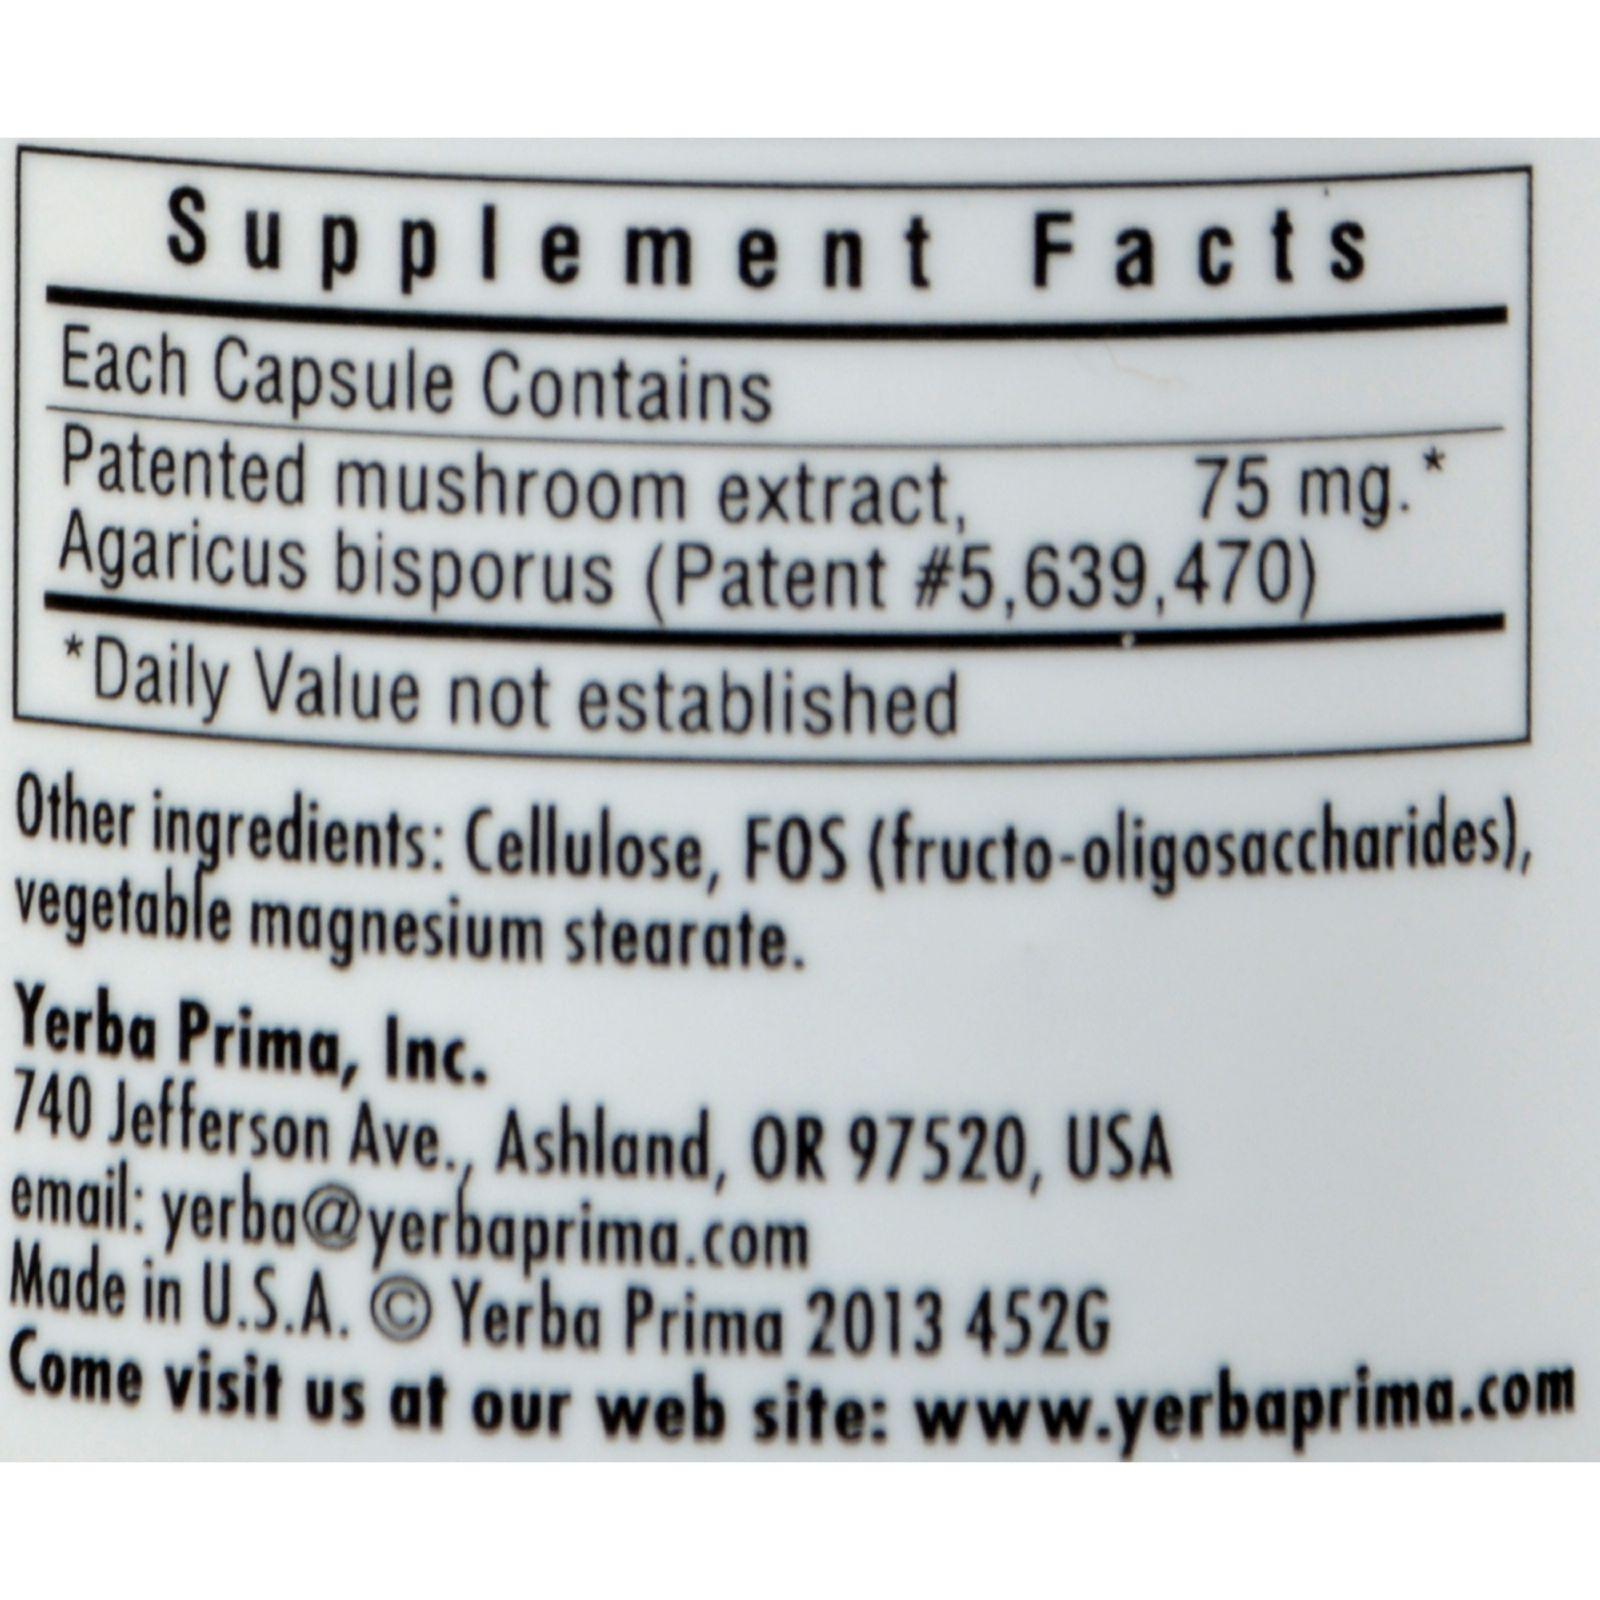 Yerba Prima Odor Cleanse Breath and Body - 50 Capsules